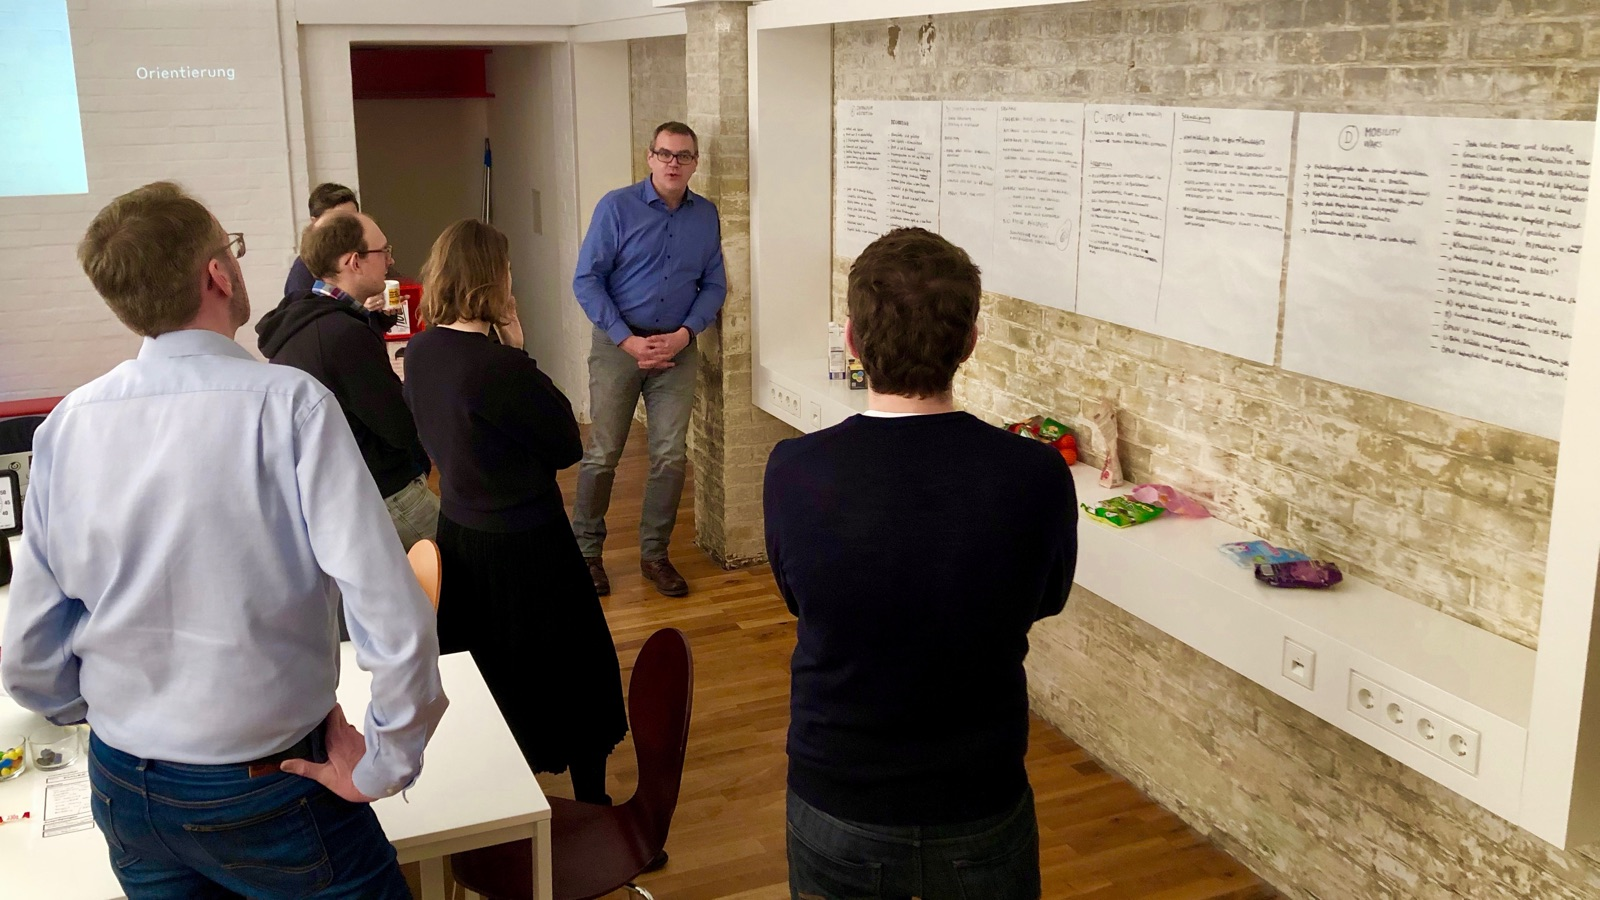 Seminar-Teilnehmer besprechen die Ergebnisse